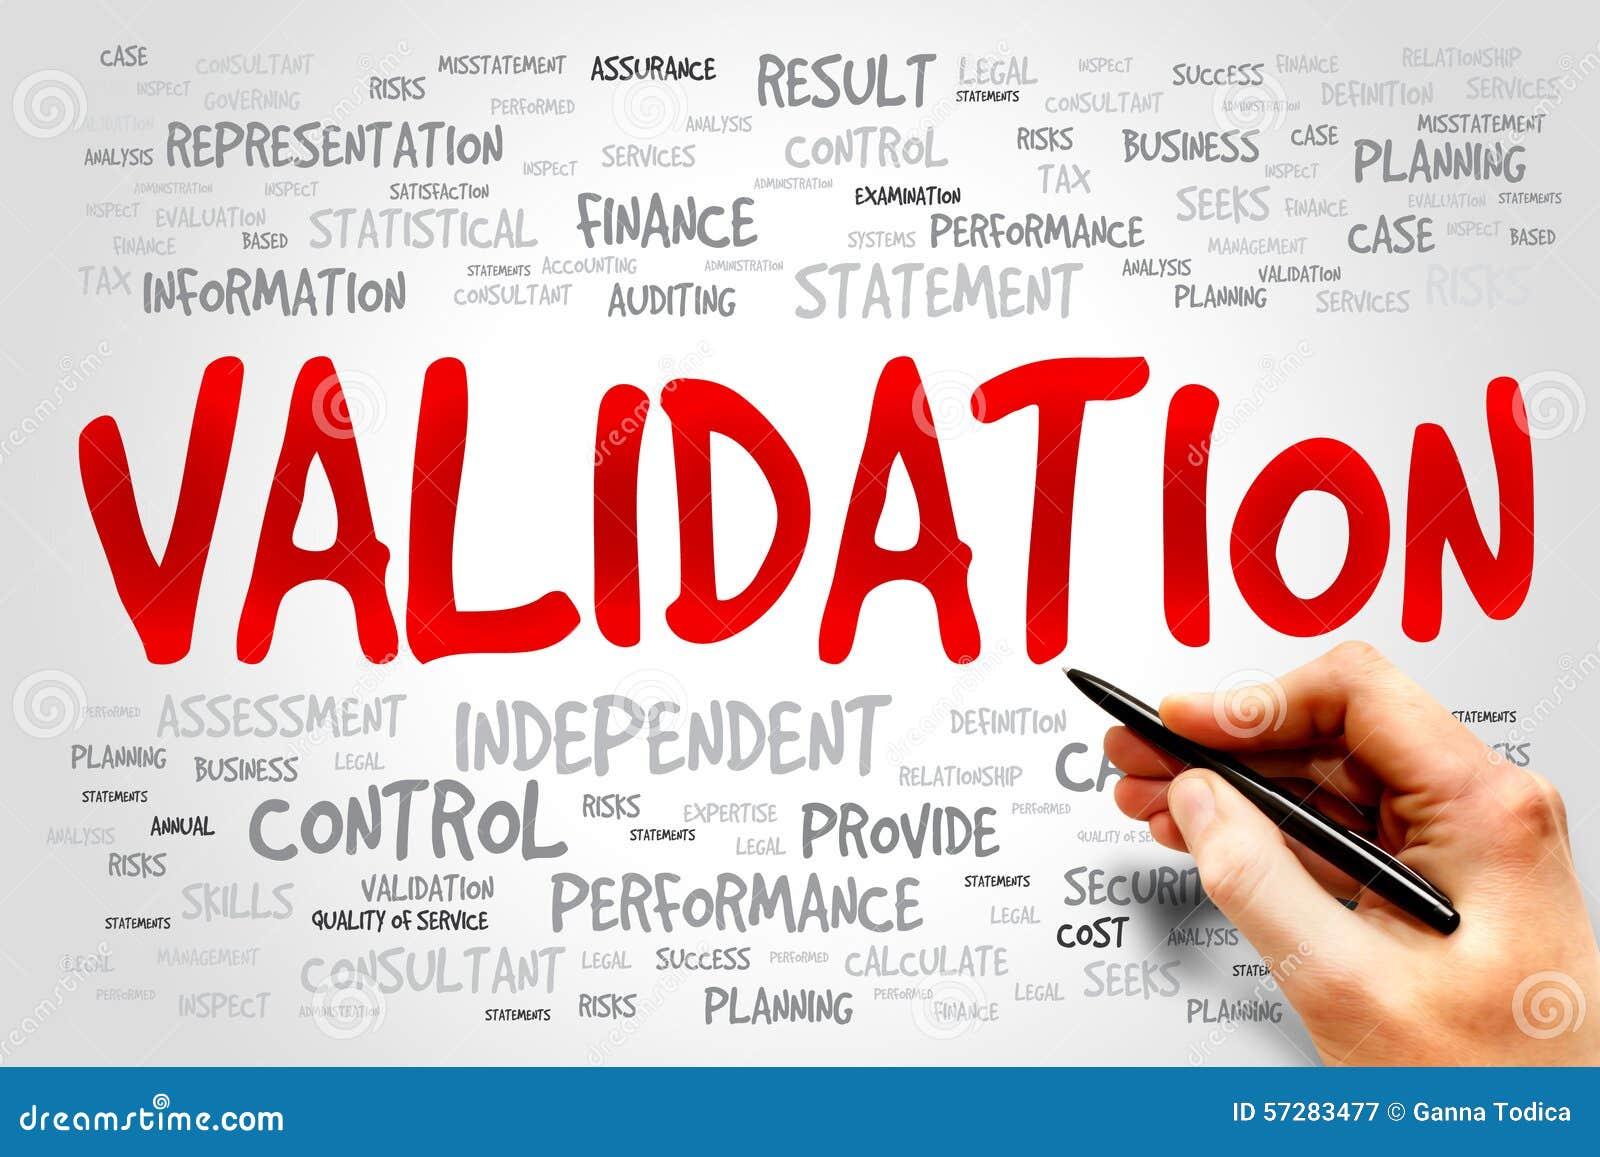 Validation Stock Photo Image 57283477